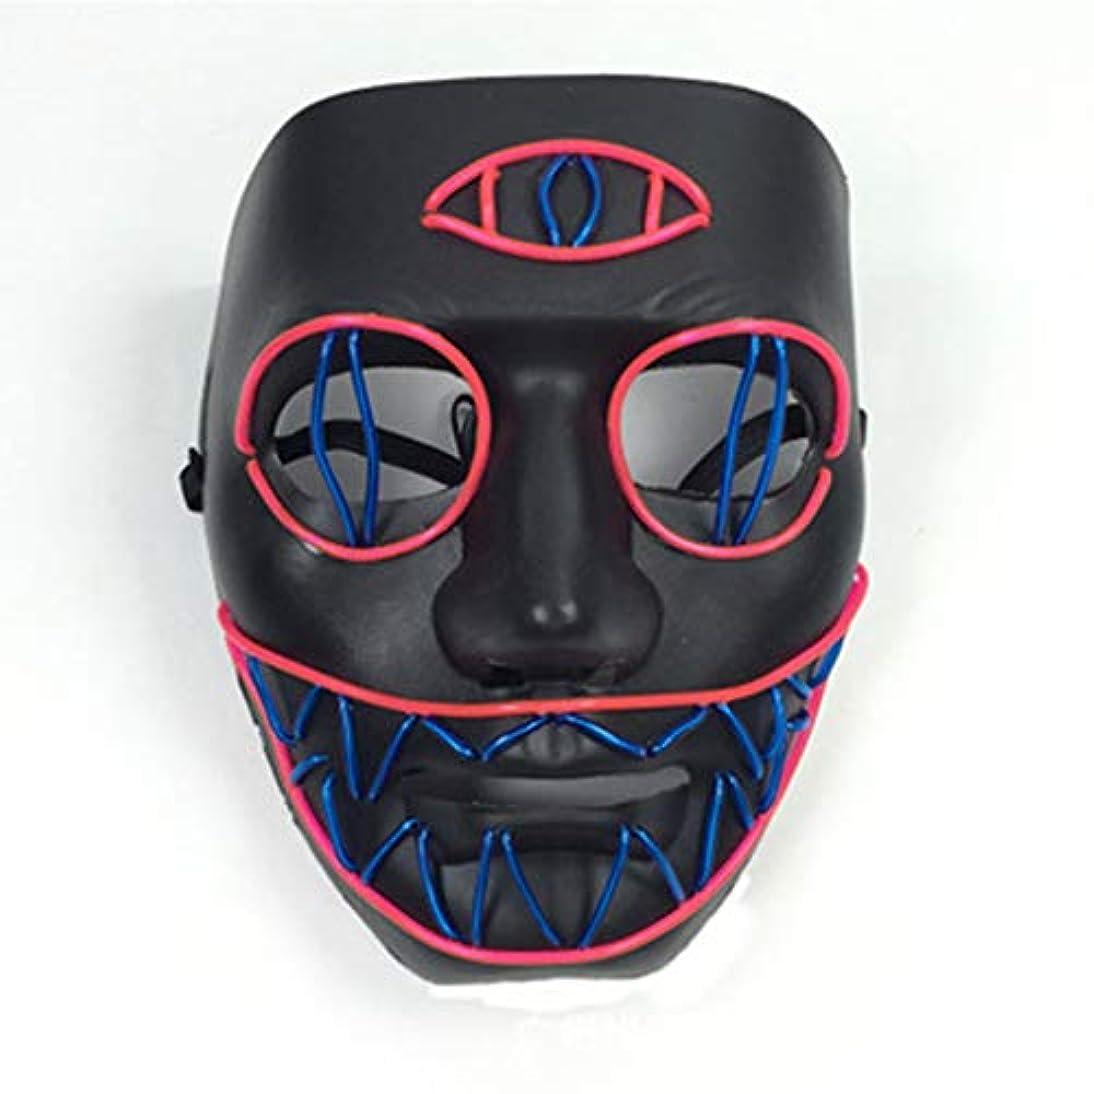 首謀者賞賛農民LEDライト怖いマスク、ノベルティハロウィーンコスチュームパーティー不気味な小道具、安全なELワイヤーPVC DJマスクLED